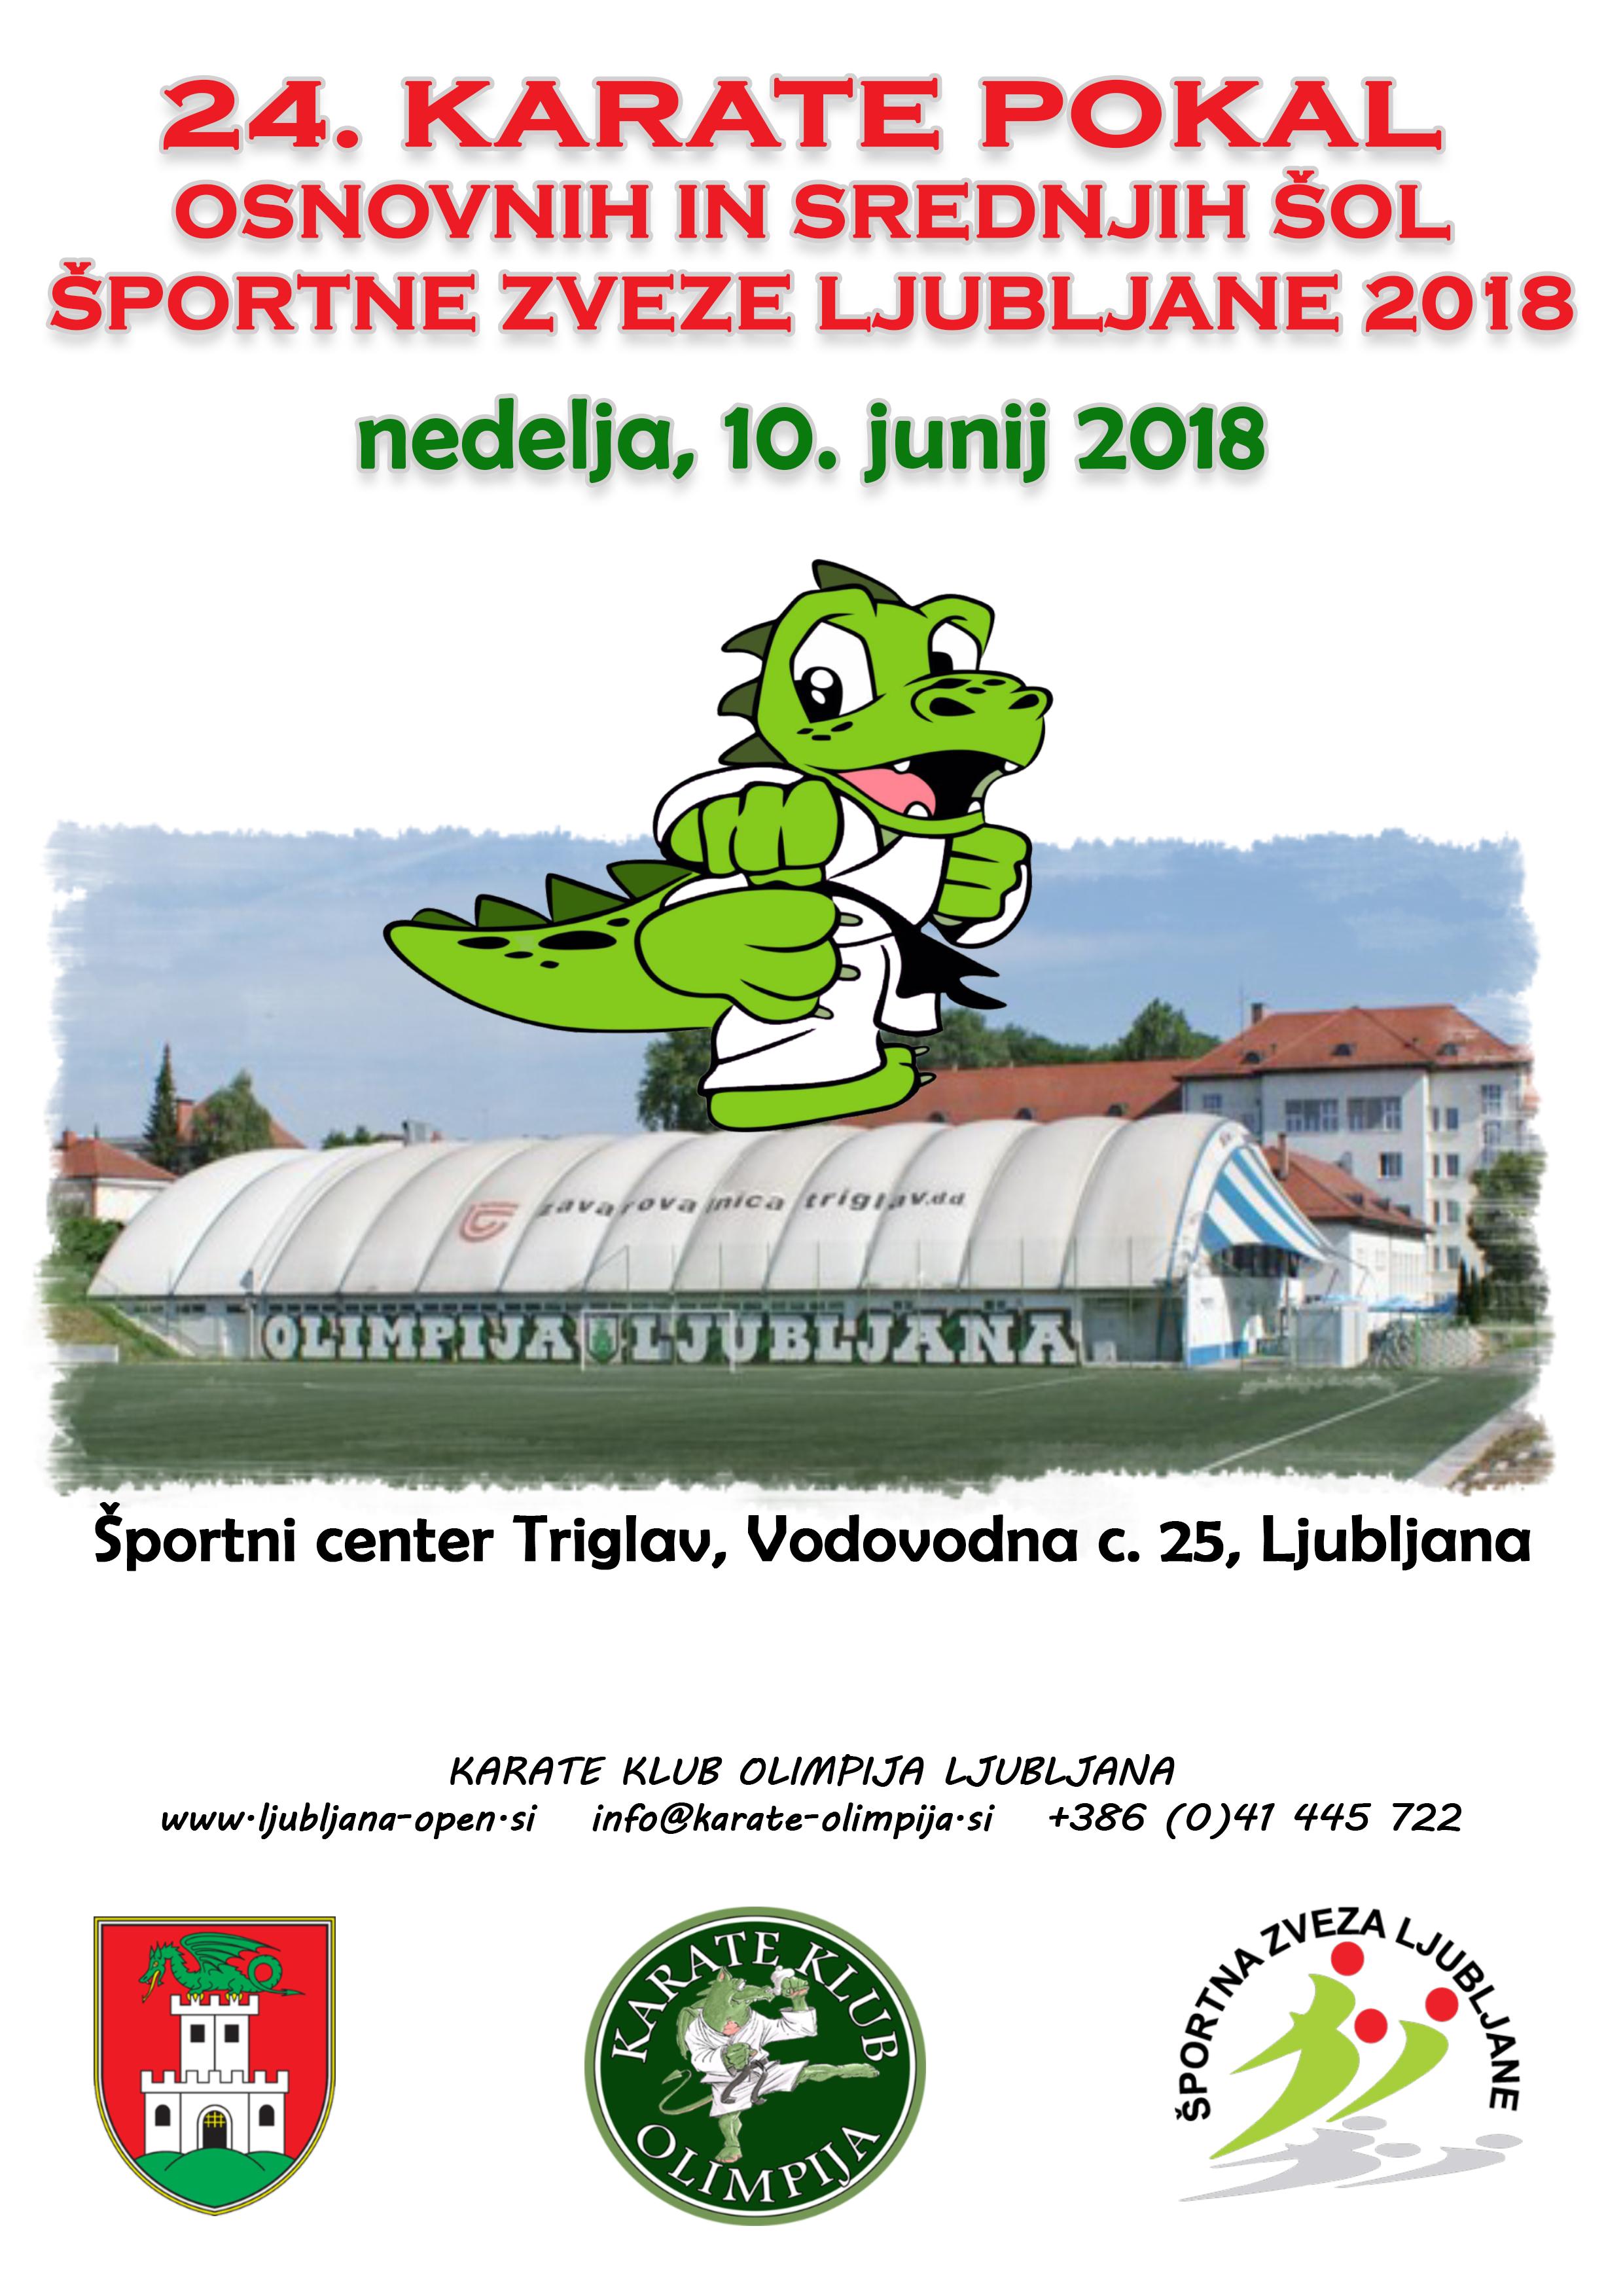 e-Karate.si - POKAL OSNOVNIH IN SREDNJIH ŠOL ŠPORTNE ZVEZE LJUBLJANE - Organizator : Karate Klub Olimpija Ljubljana